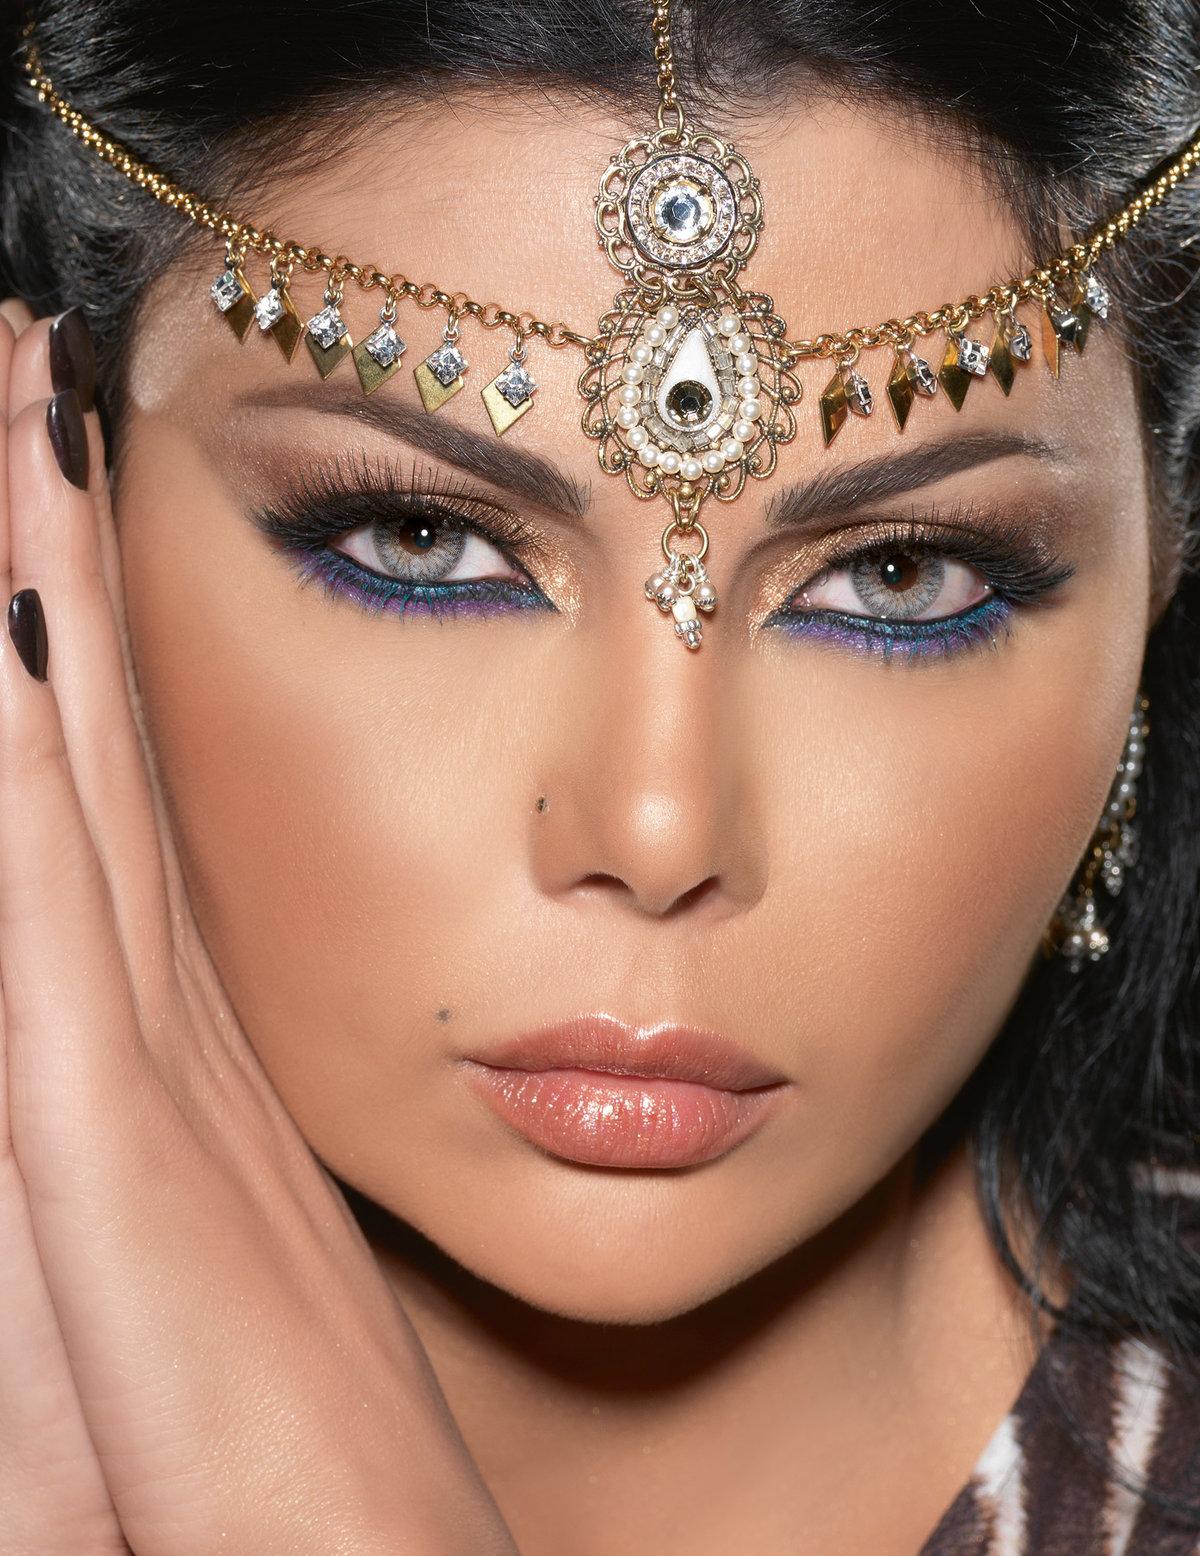 Макияж для глаз в арабском стиле